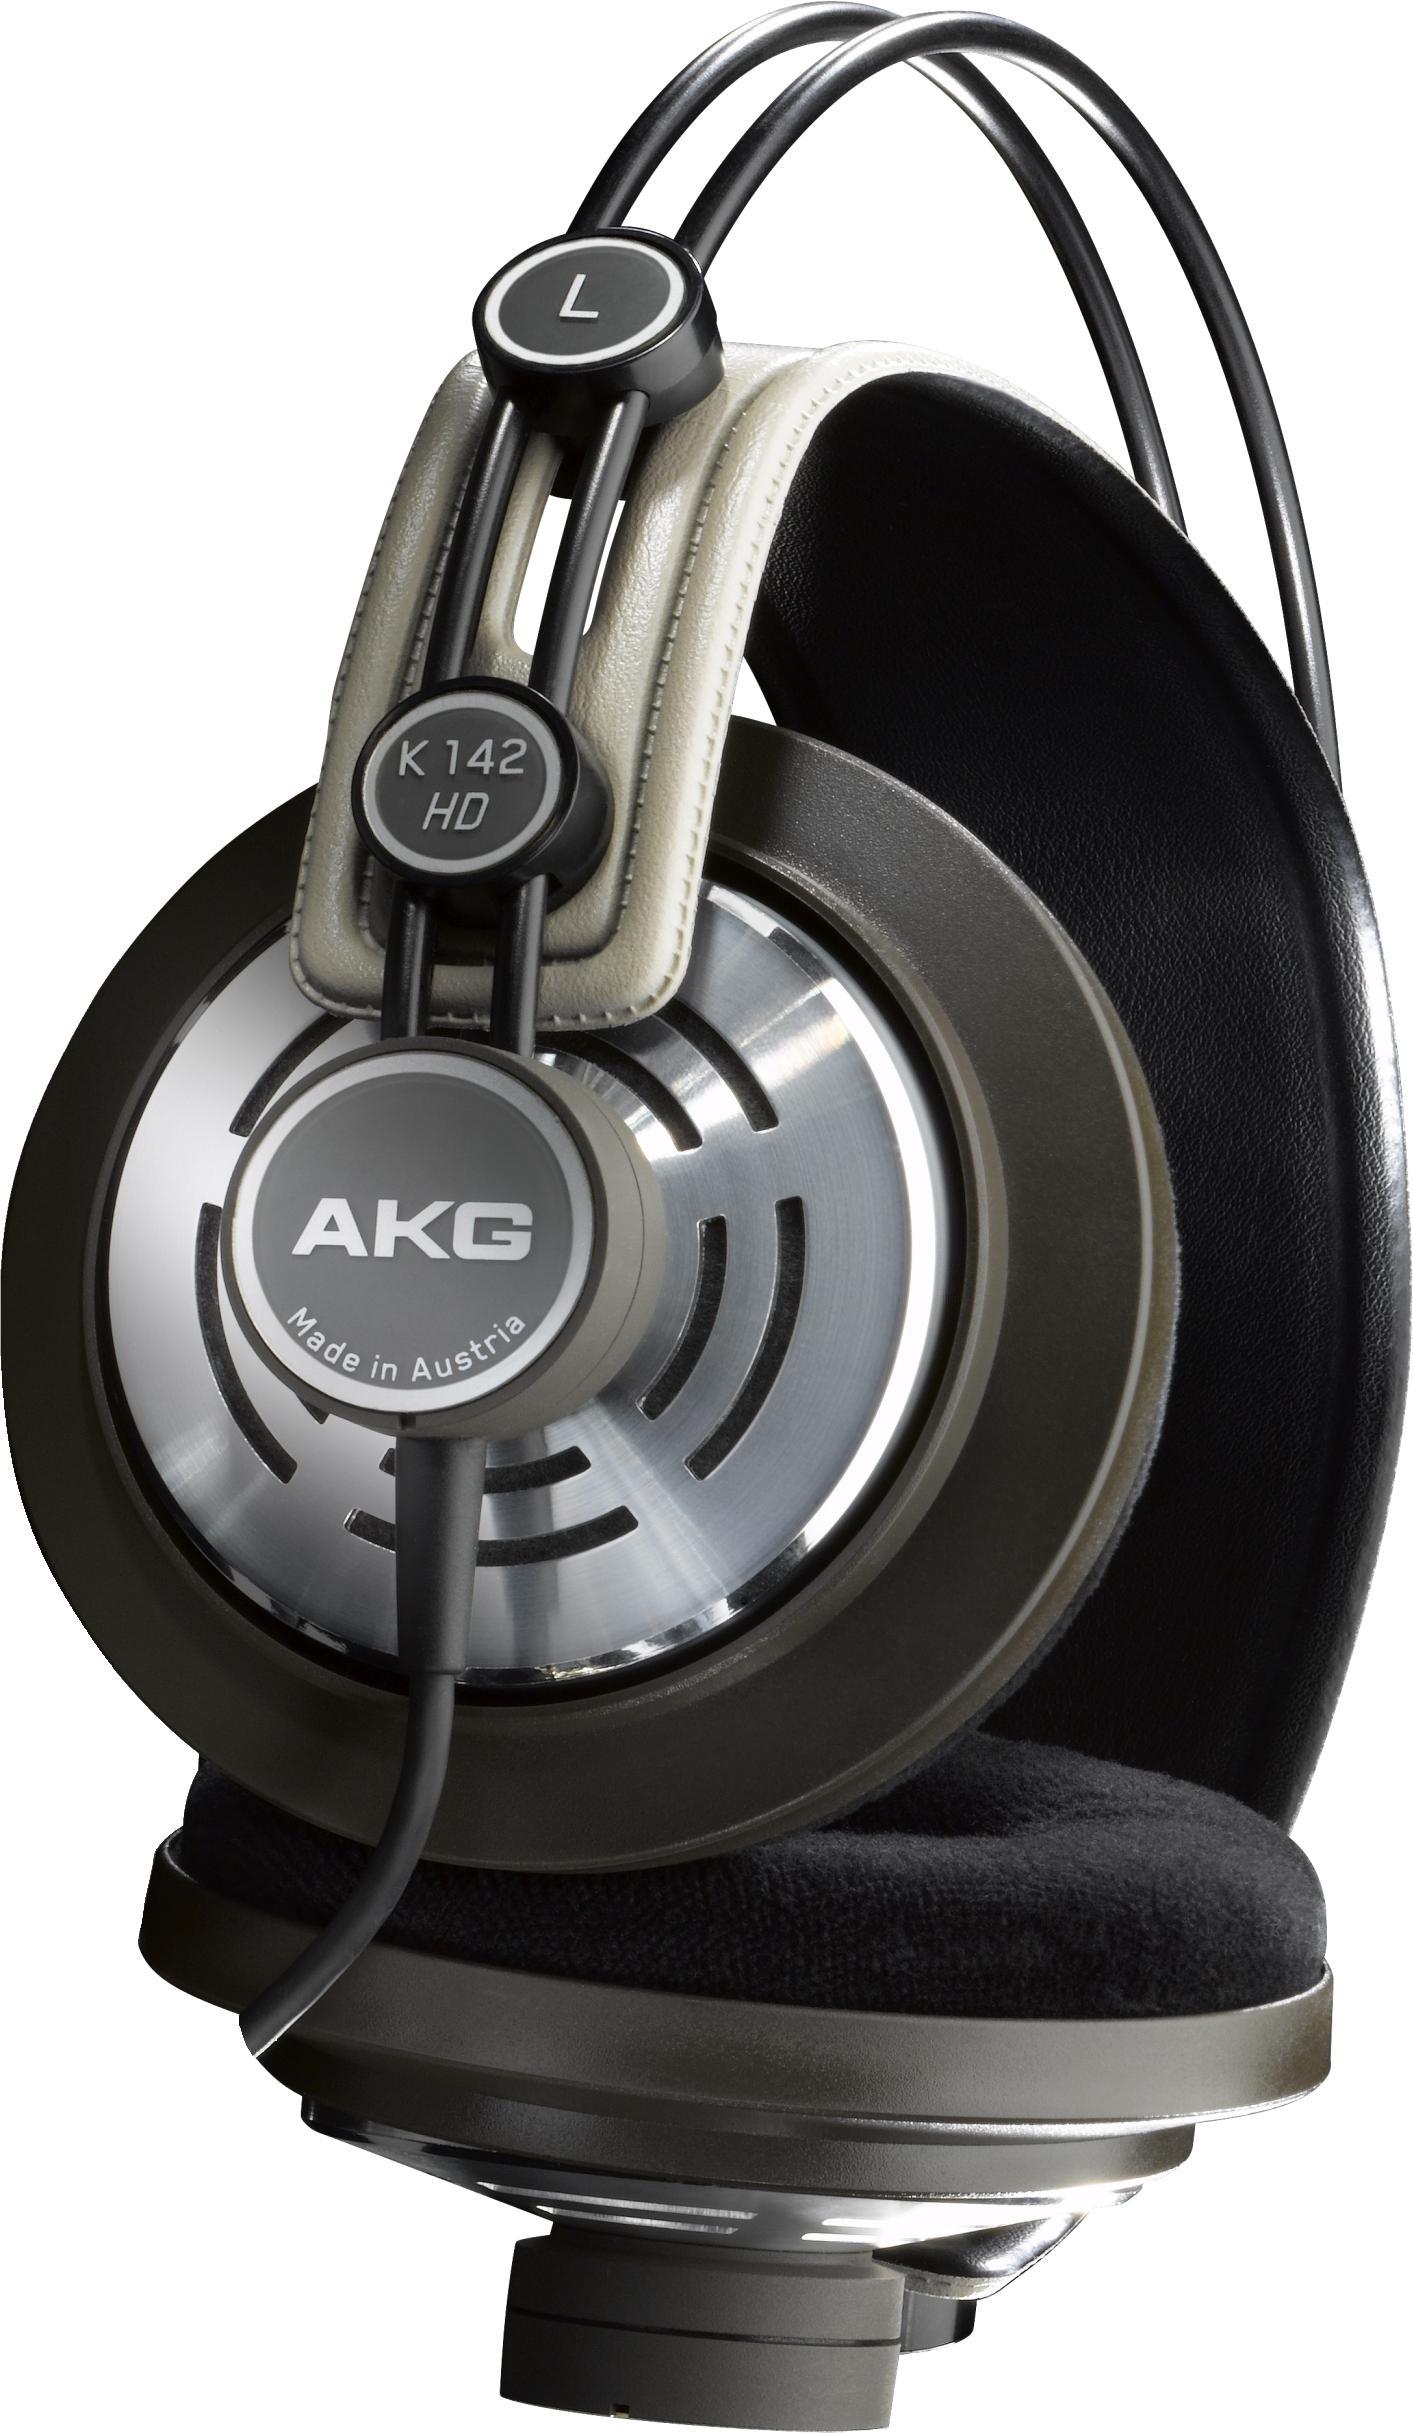 AKG K 142 HD